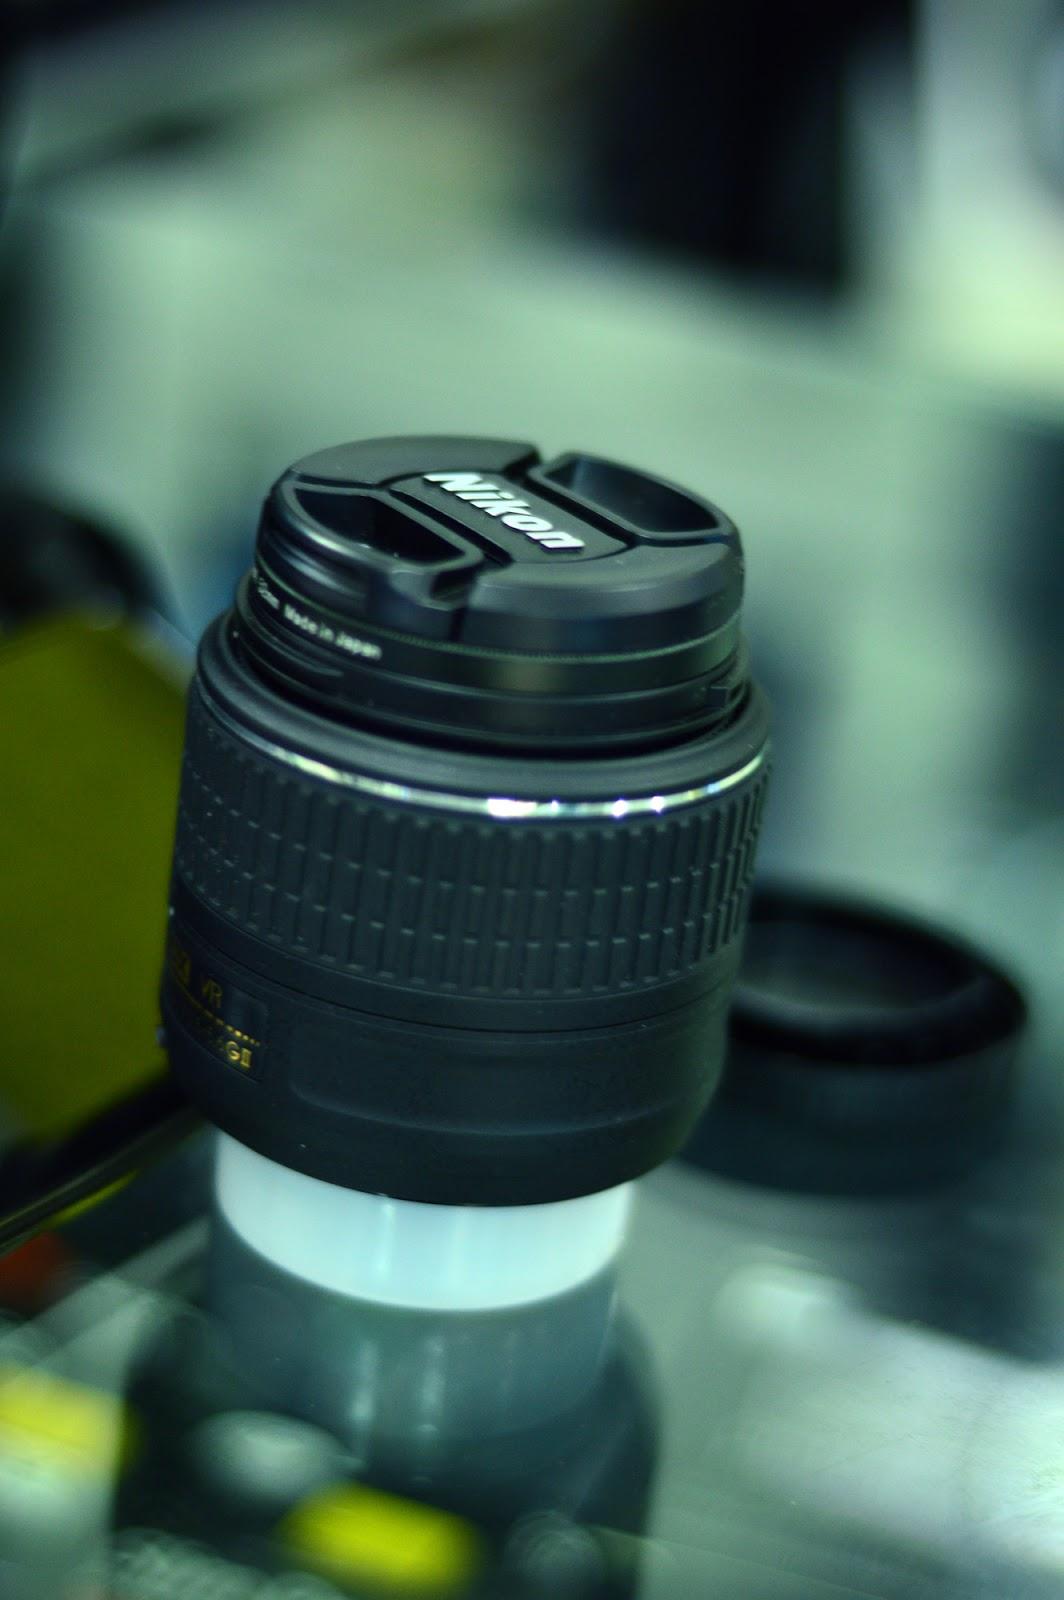 Hendara Si Jenius Lensa Fix 50mm 18 Vs Kit Yongnuo Nikon Afs F18 Yn Bokeh Oke Kita Tinggalkan Dan Langsung Ke Peforma Nikor Dengan F Ini Gampangnya Di Bilang Yang Gak Ada Menu Zoomnya Wkwkw